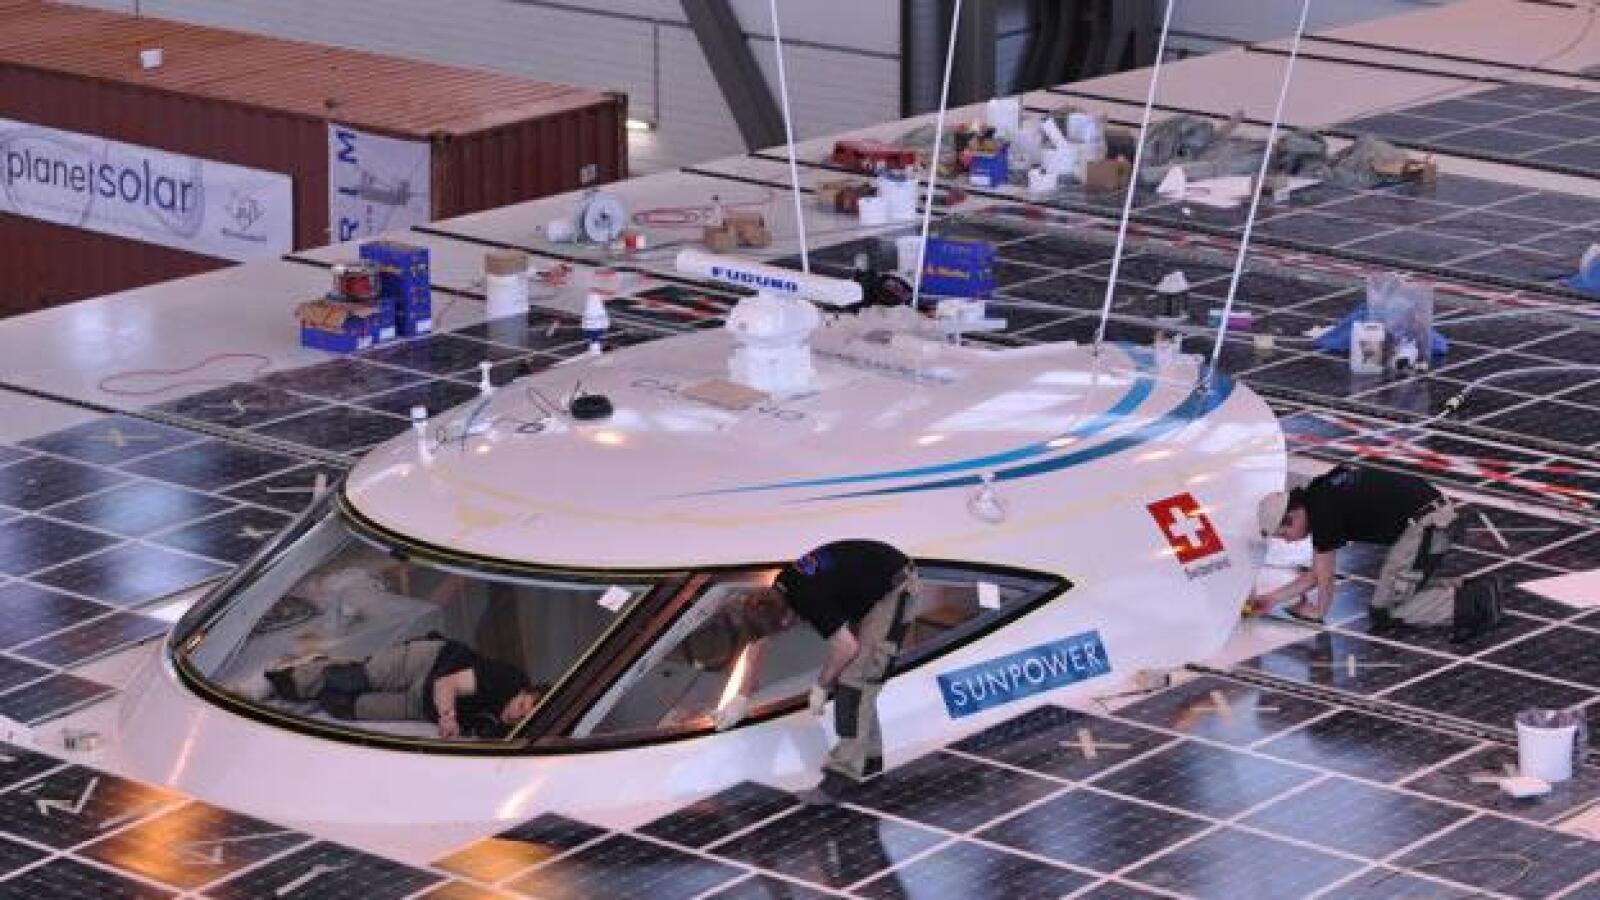 yate buque mas grande energia solar sol escotilla